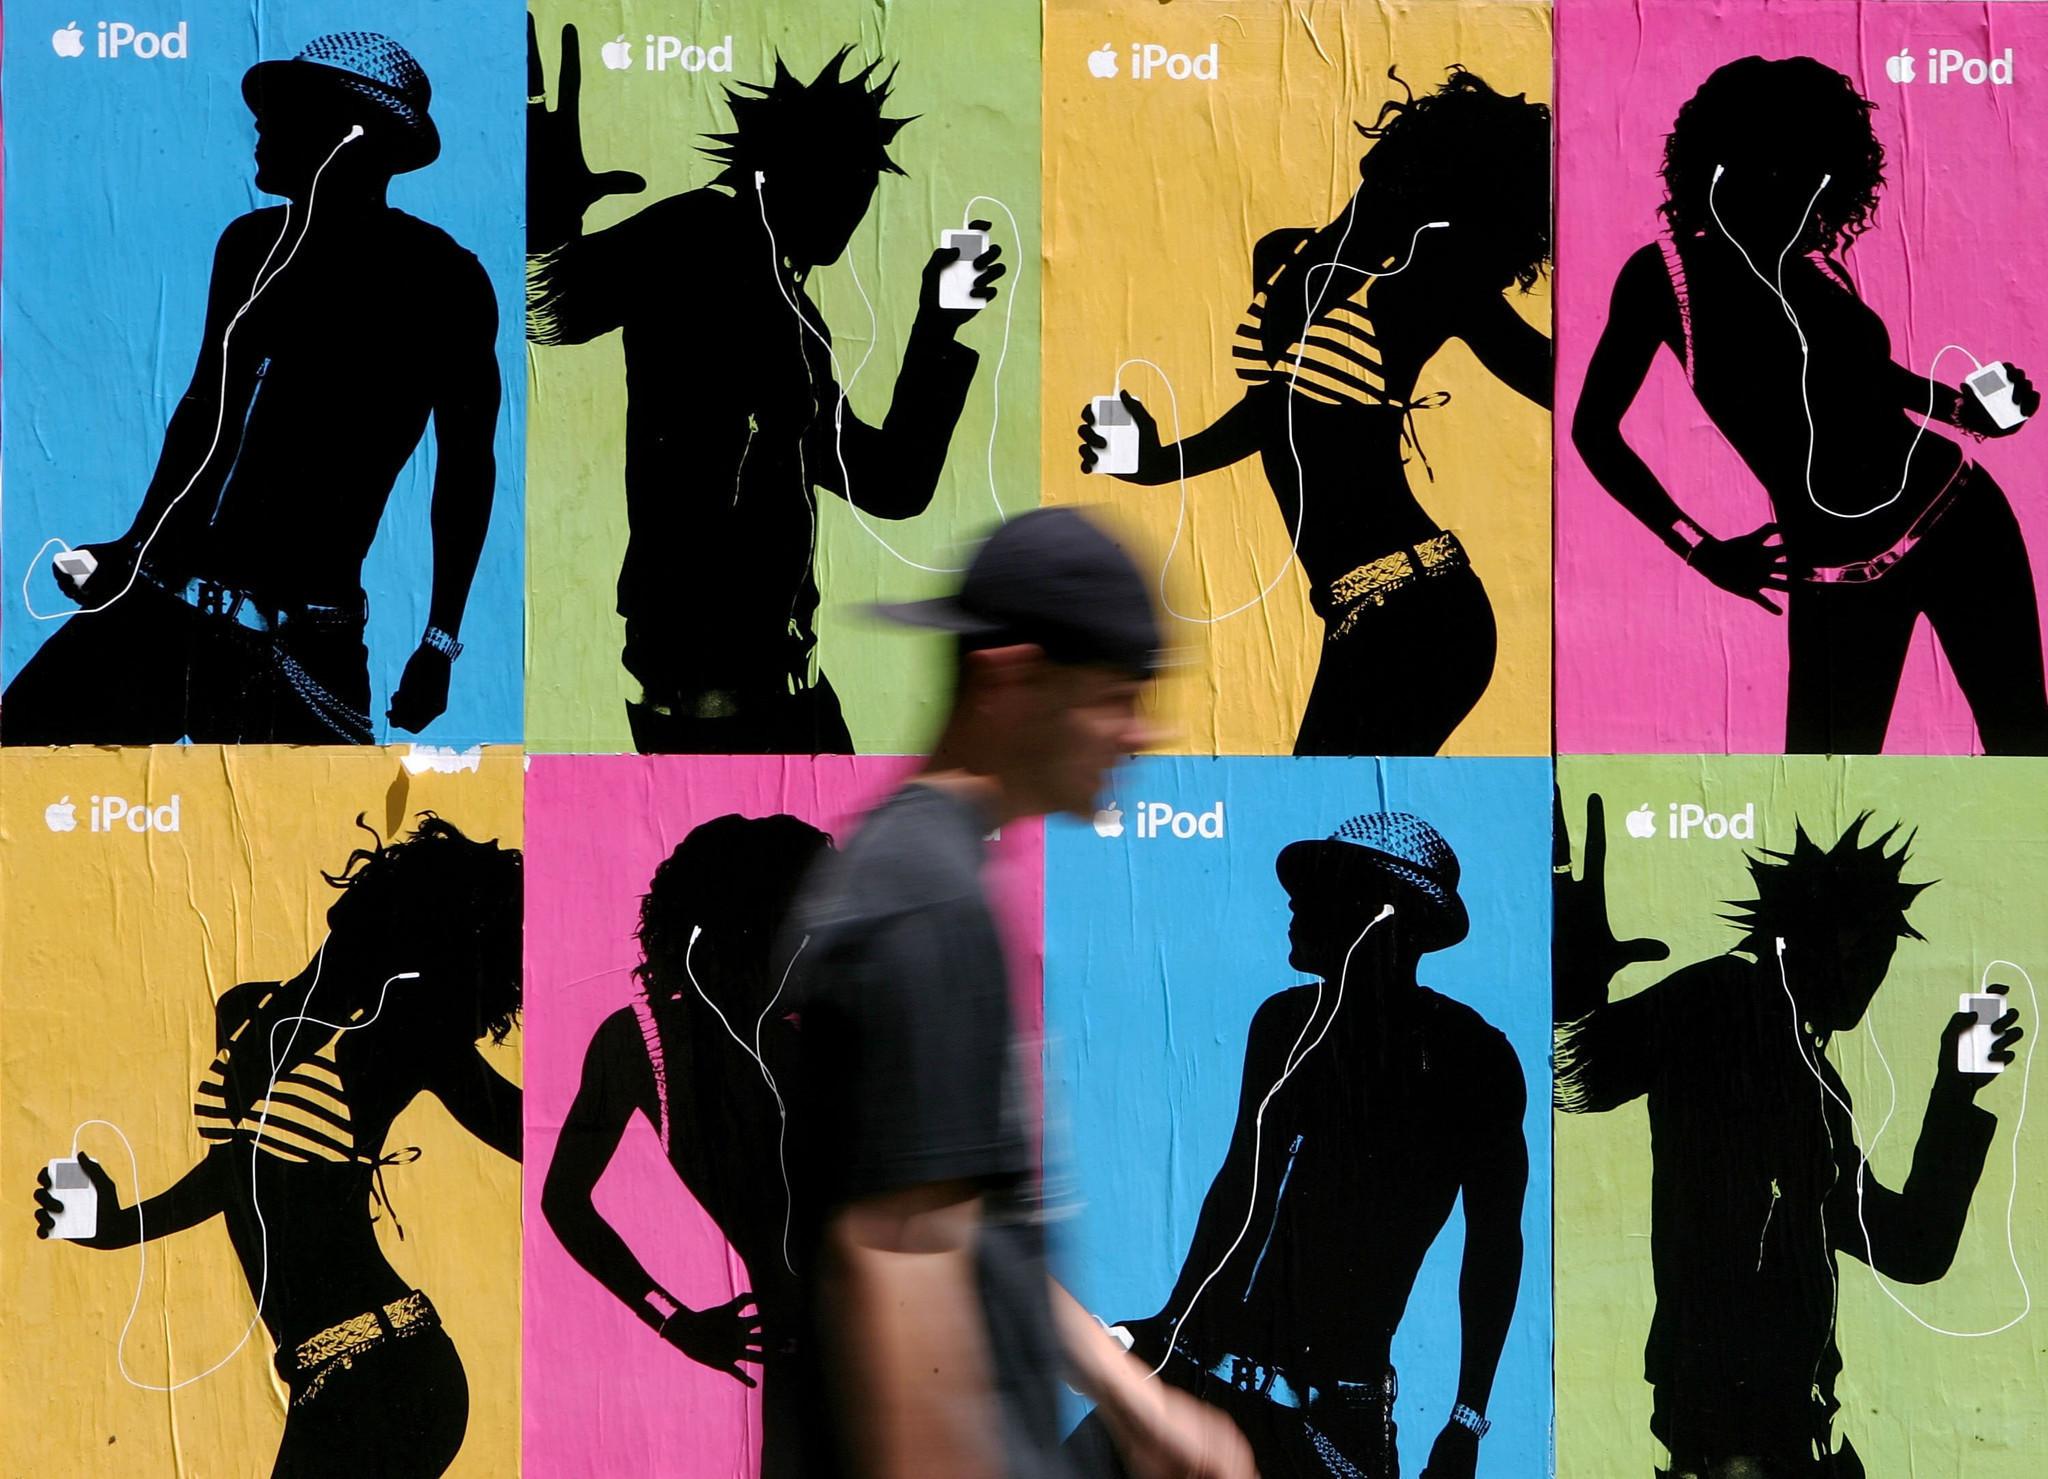 Miami Beach artist Romero Britto sues Apple